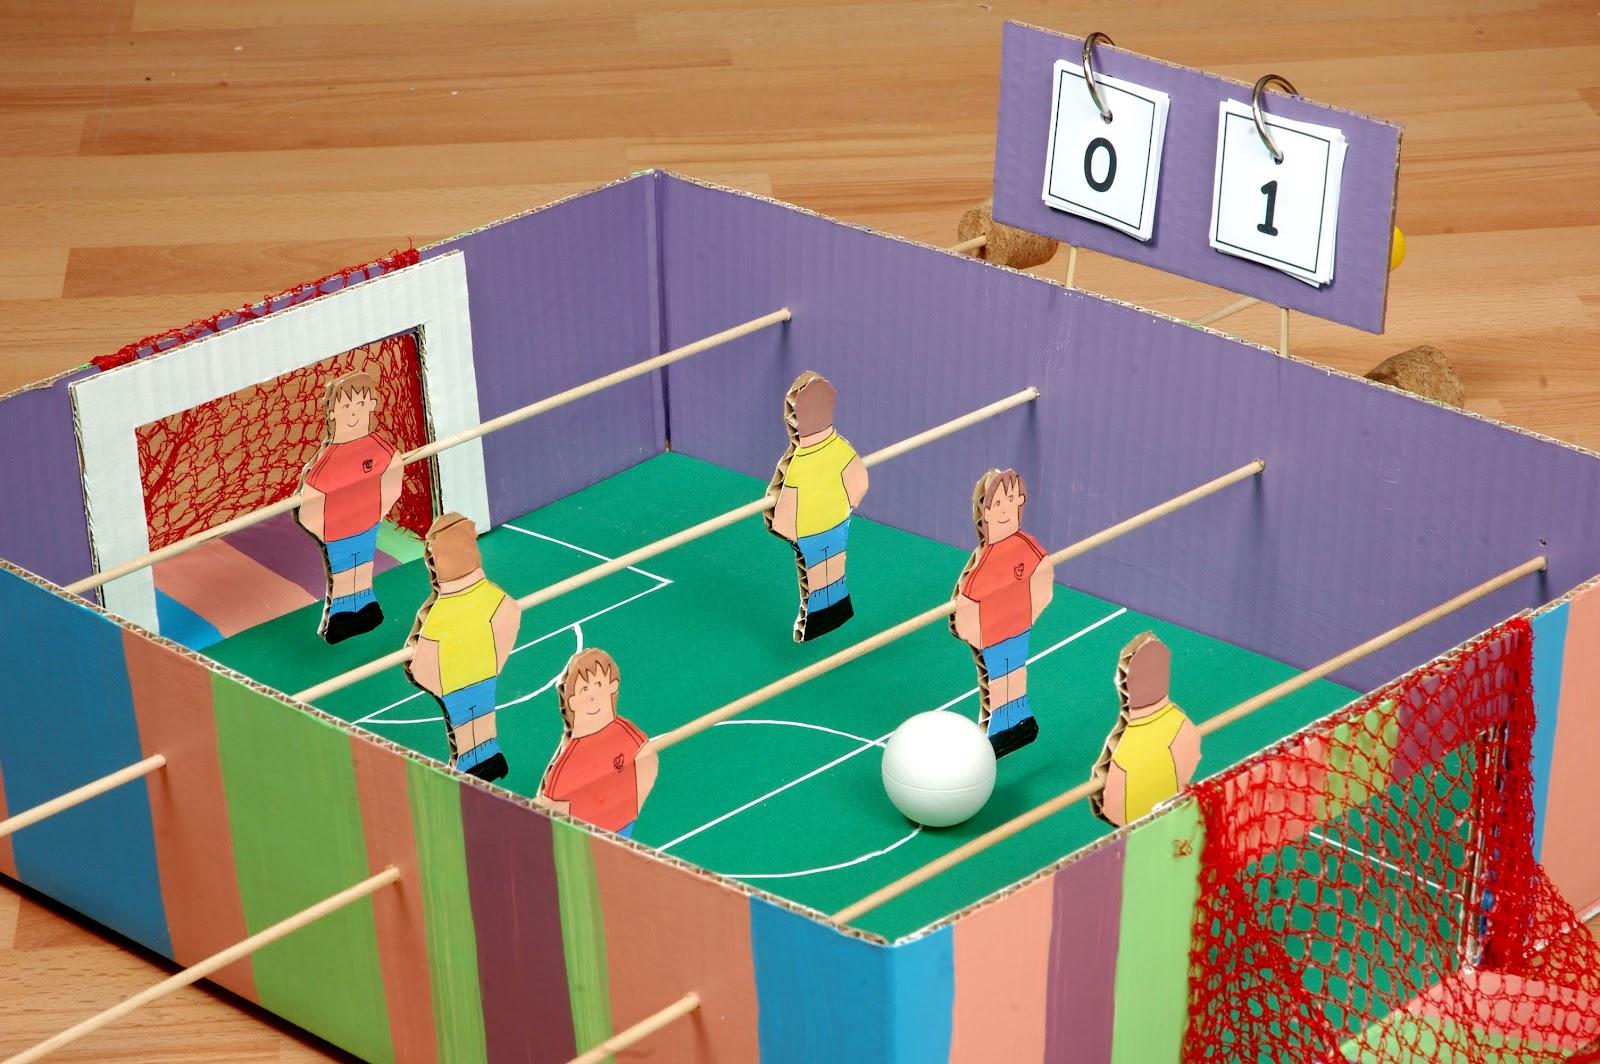 El Taller De Pepa Un Futbolin Hecho En Casa - Manualidades-con-materiales-de-casa